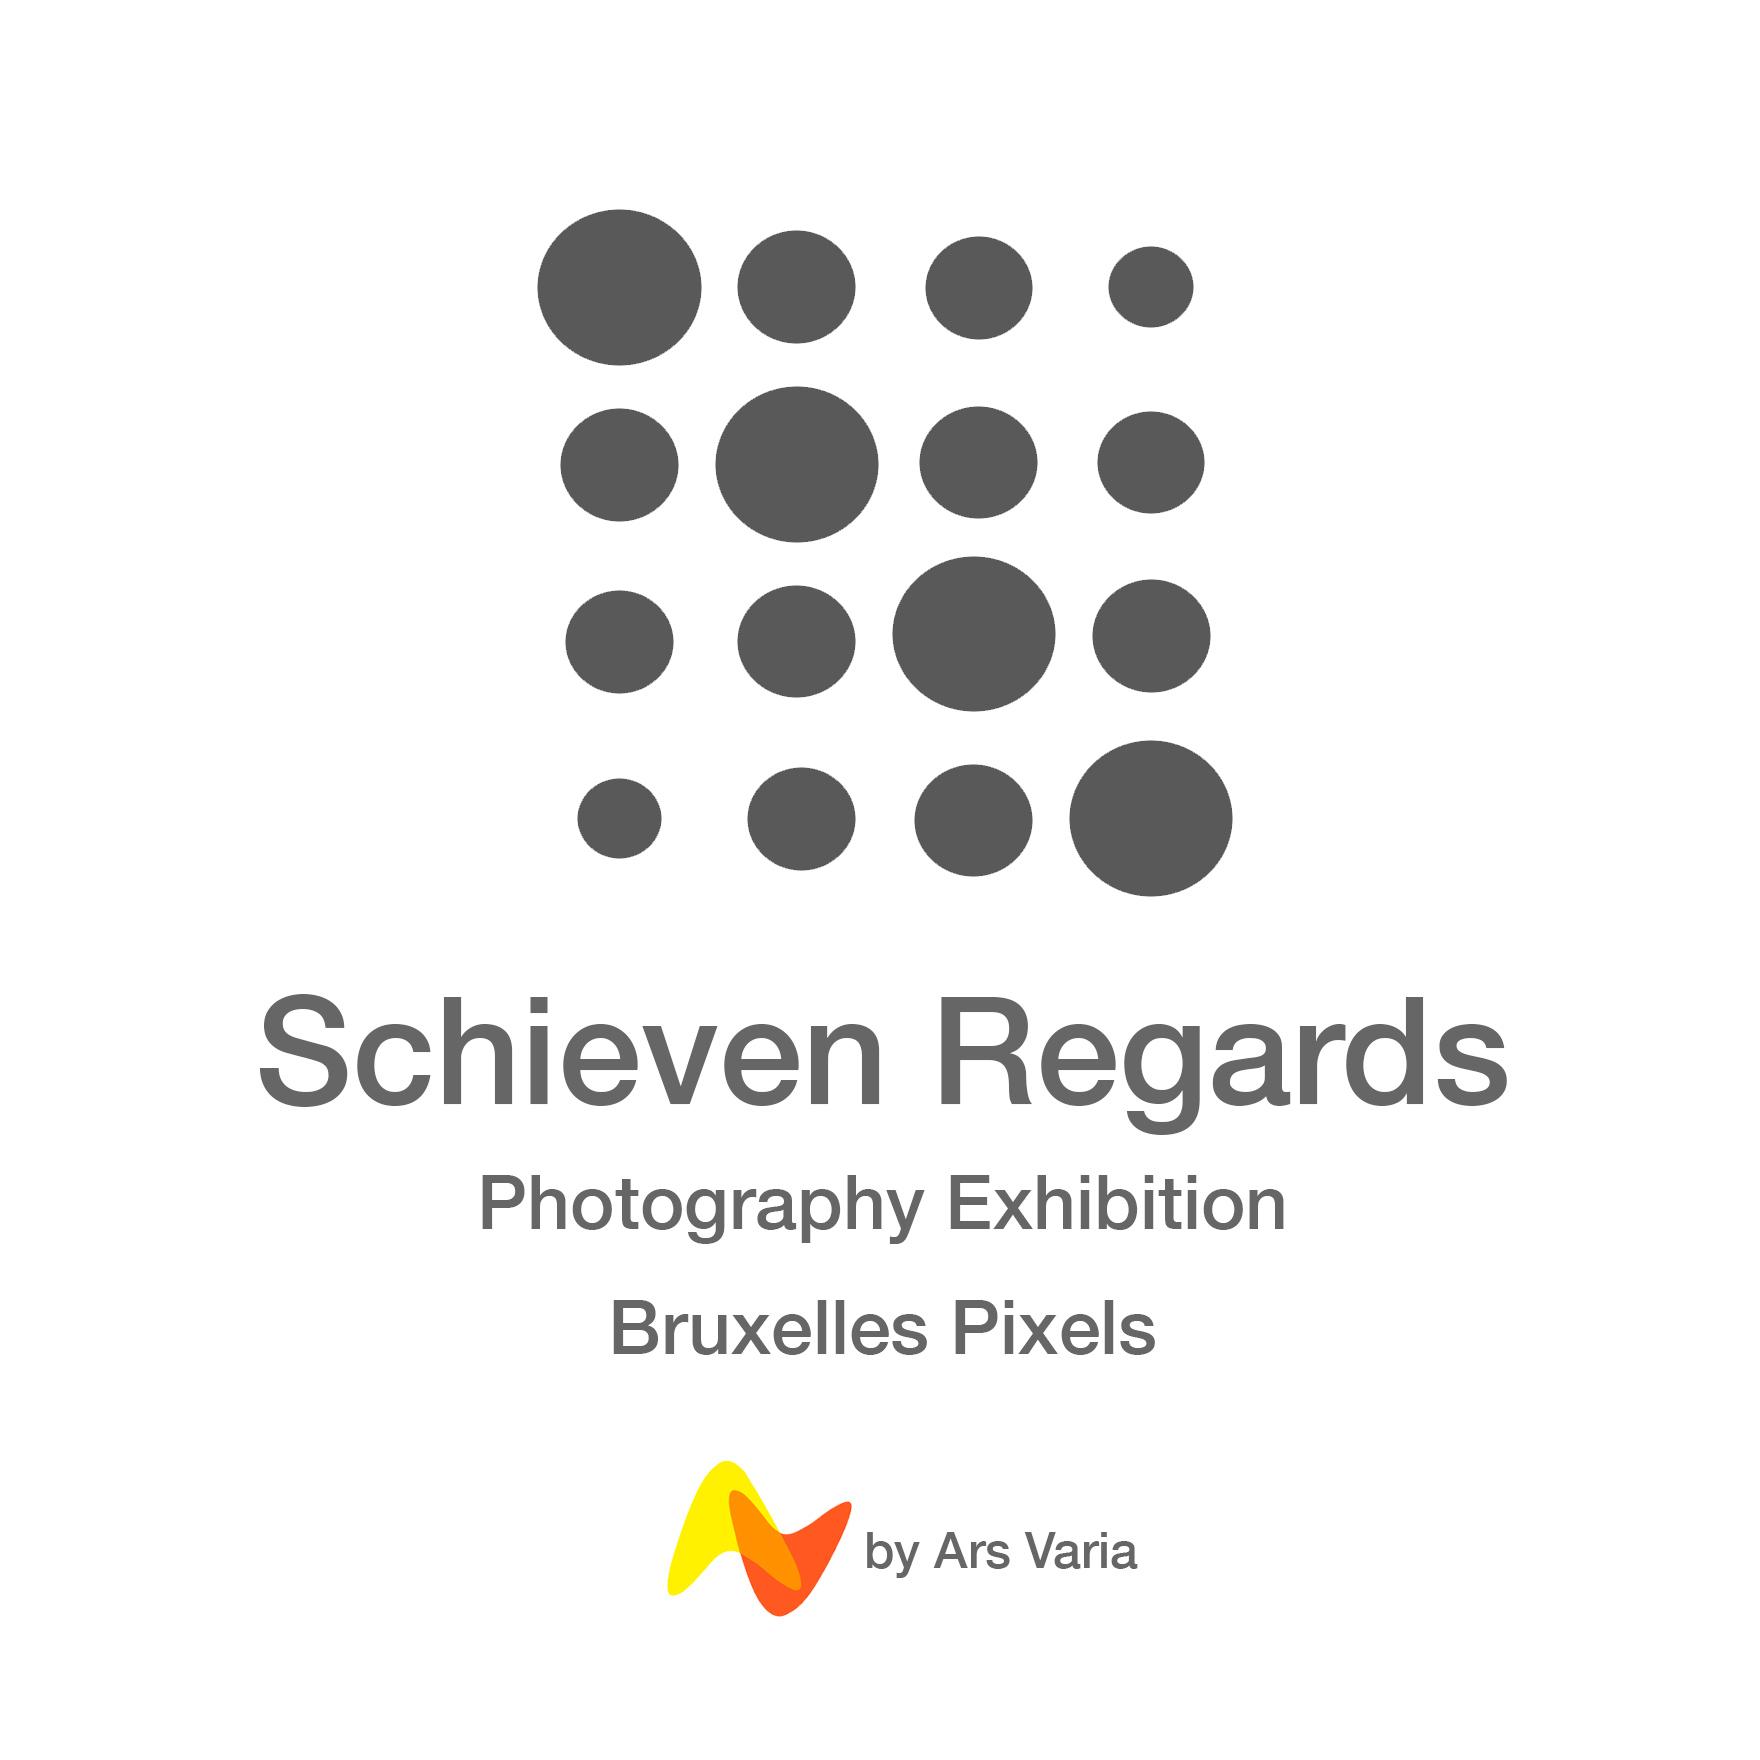 Schieven Regards  II : Les artistes invités sont choisis